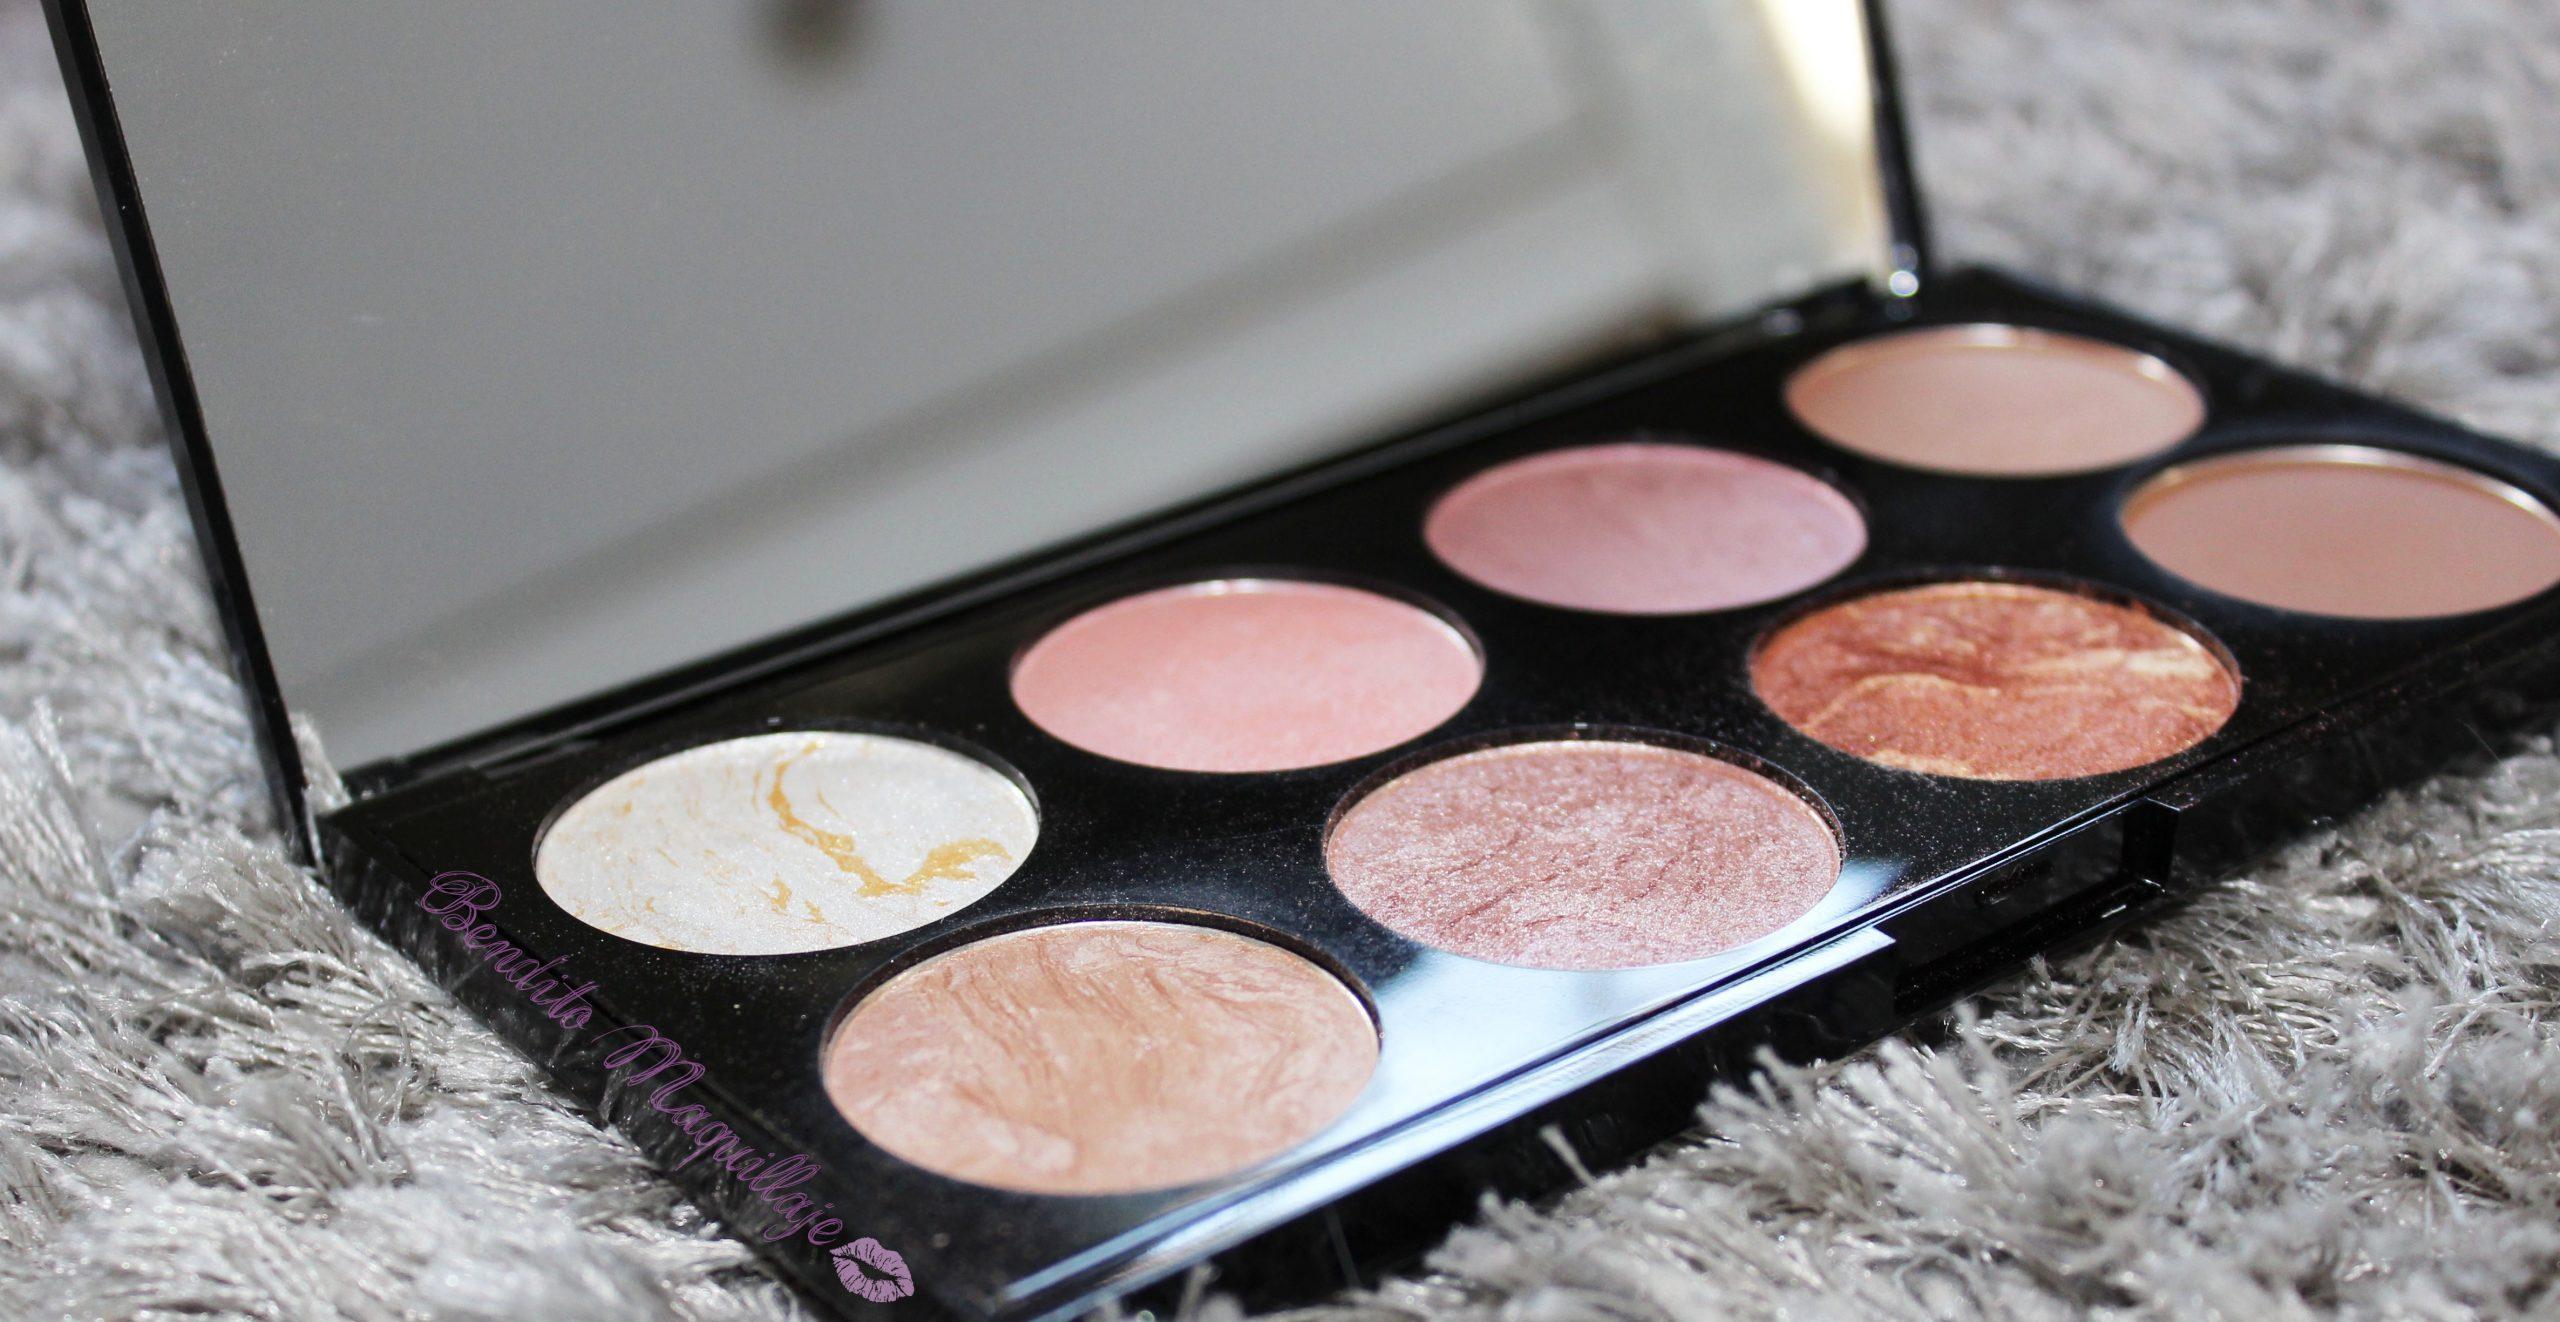 Review: Base de maquillaje «Photoready», de Revlon